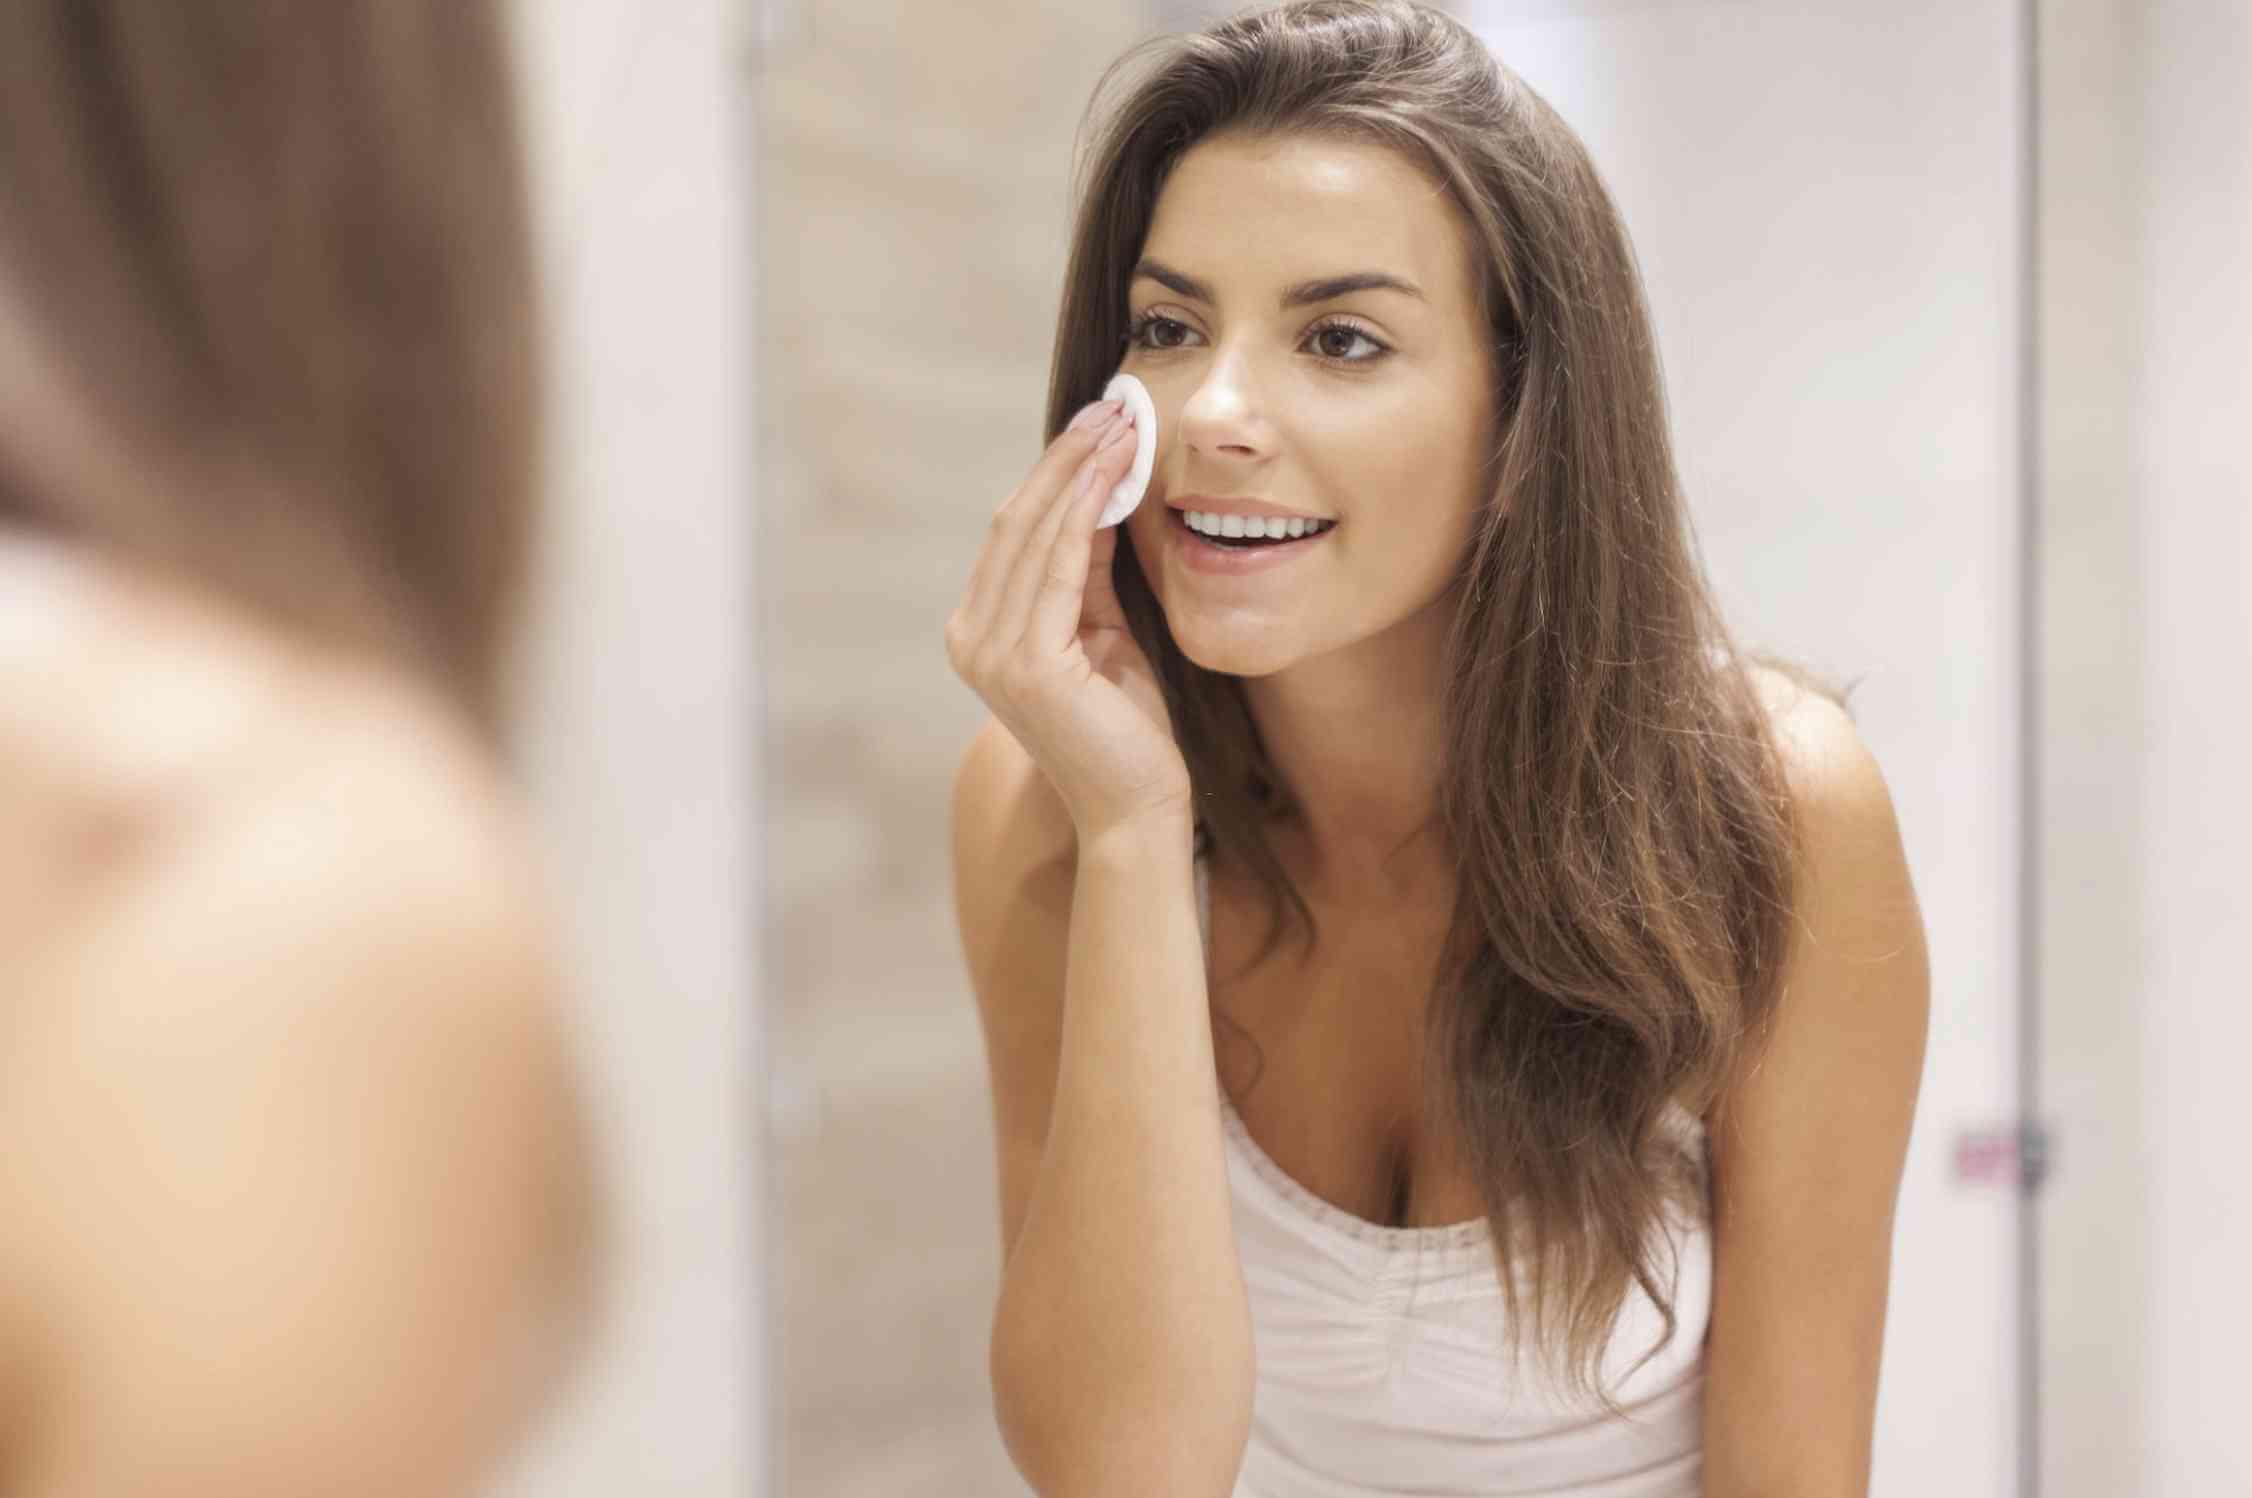 Nước tẩy trang giúp lấy sạch bụi bẩn, bã nhờn và mỹ phẩm trên da